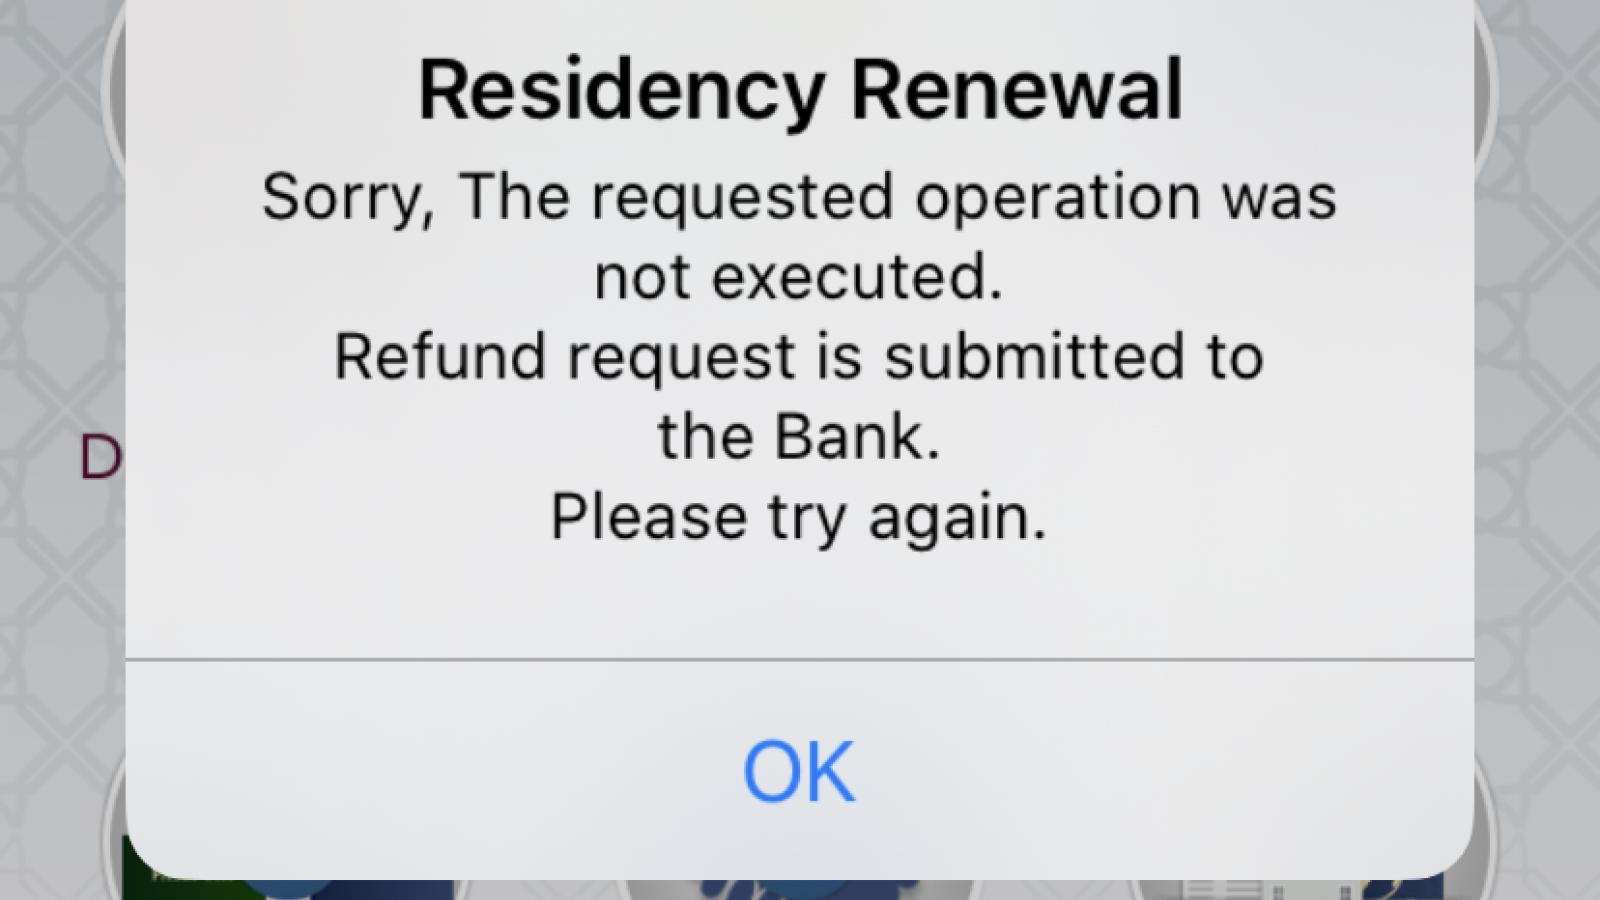 Residency renewal error on Metrash2